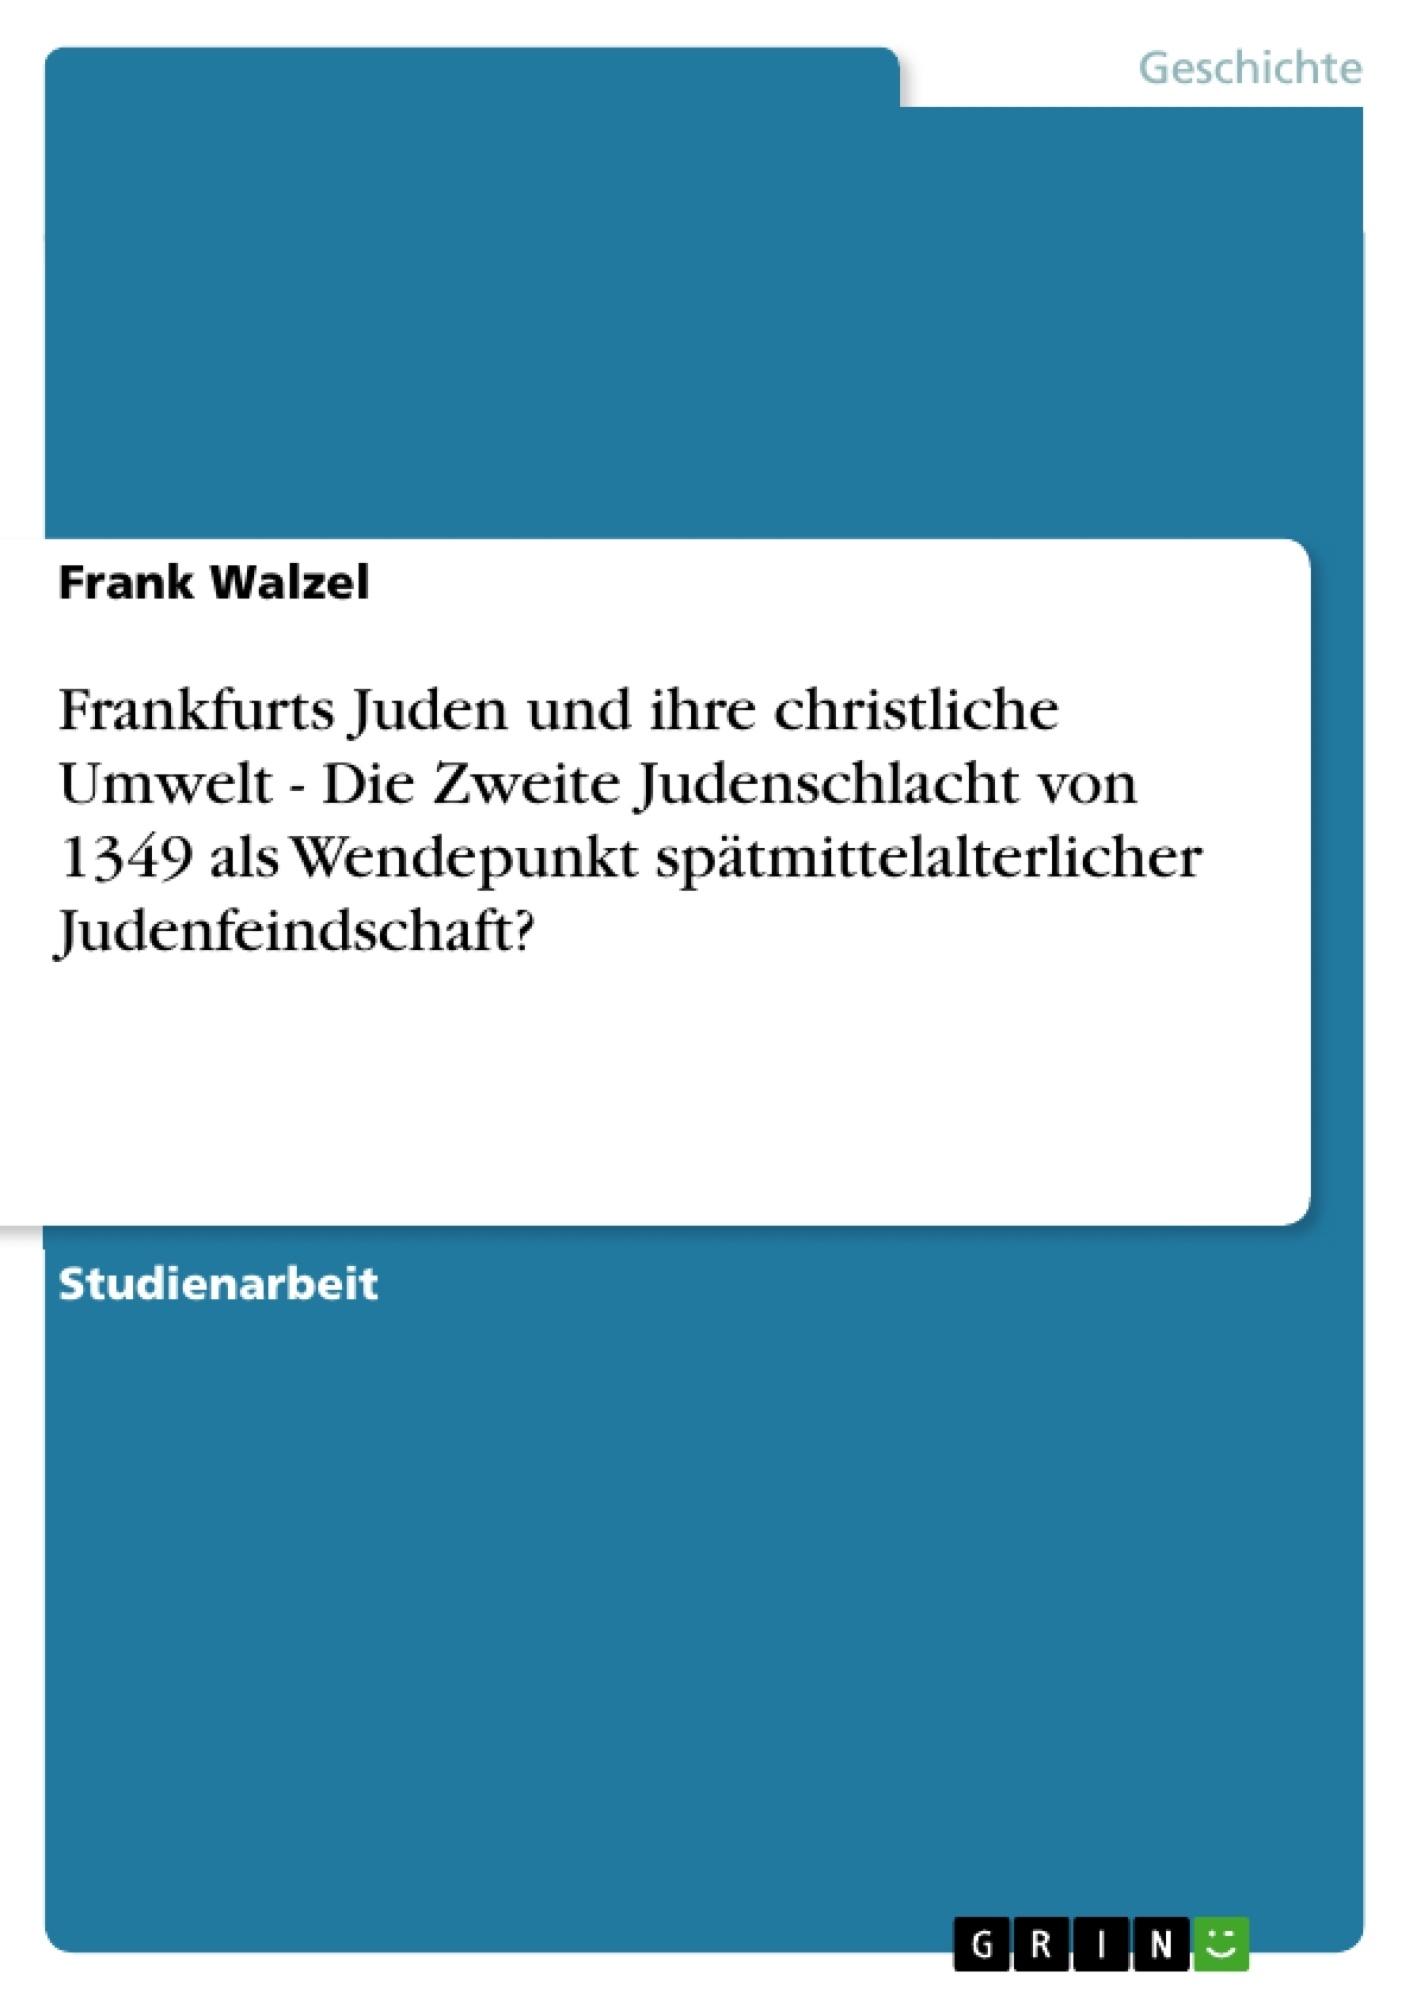 Titel: Frankfurts Juden und ihre christliche Umwelt - Die Zweite Judenschlacht von 1349 als Wendepunkt spätmittelalterlicher Judenfeindschaft?